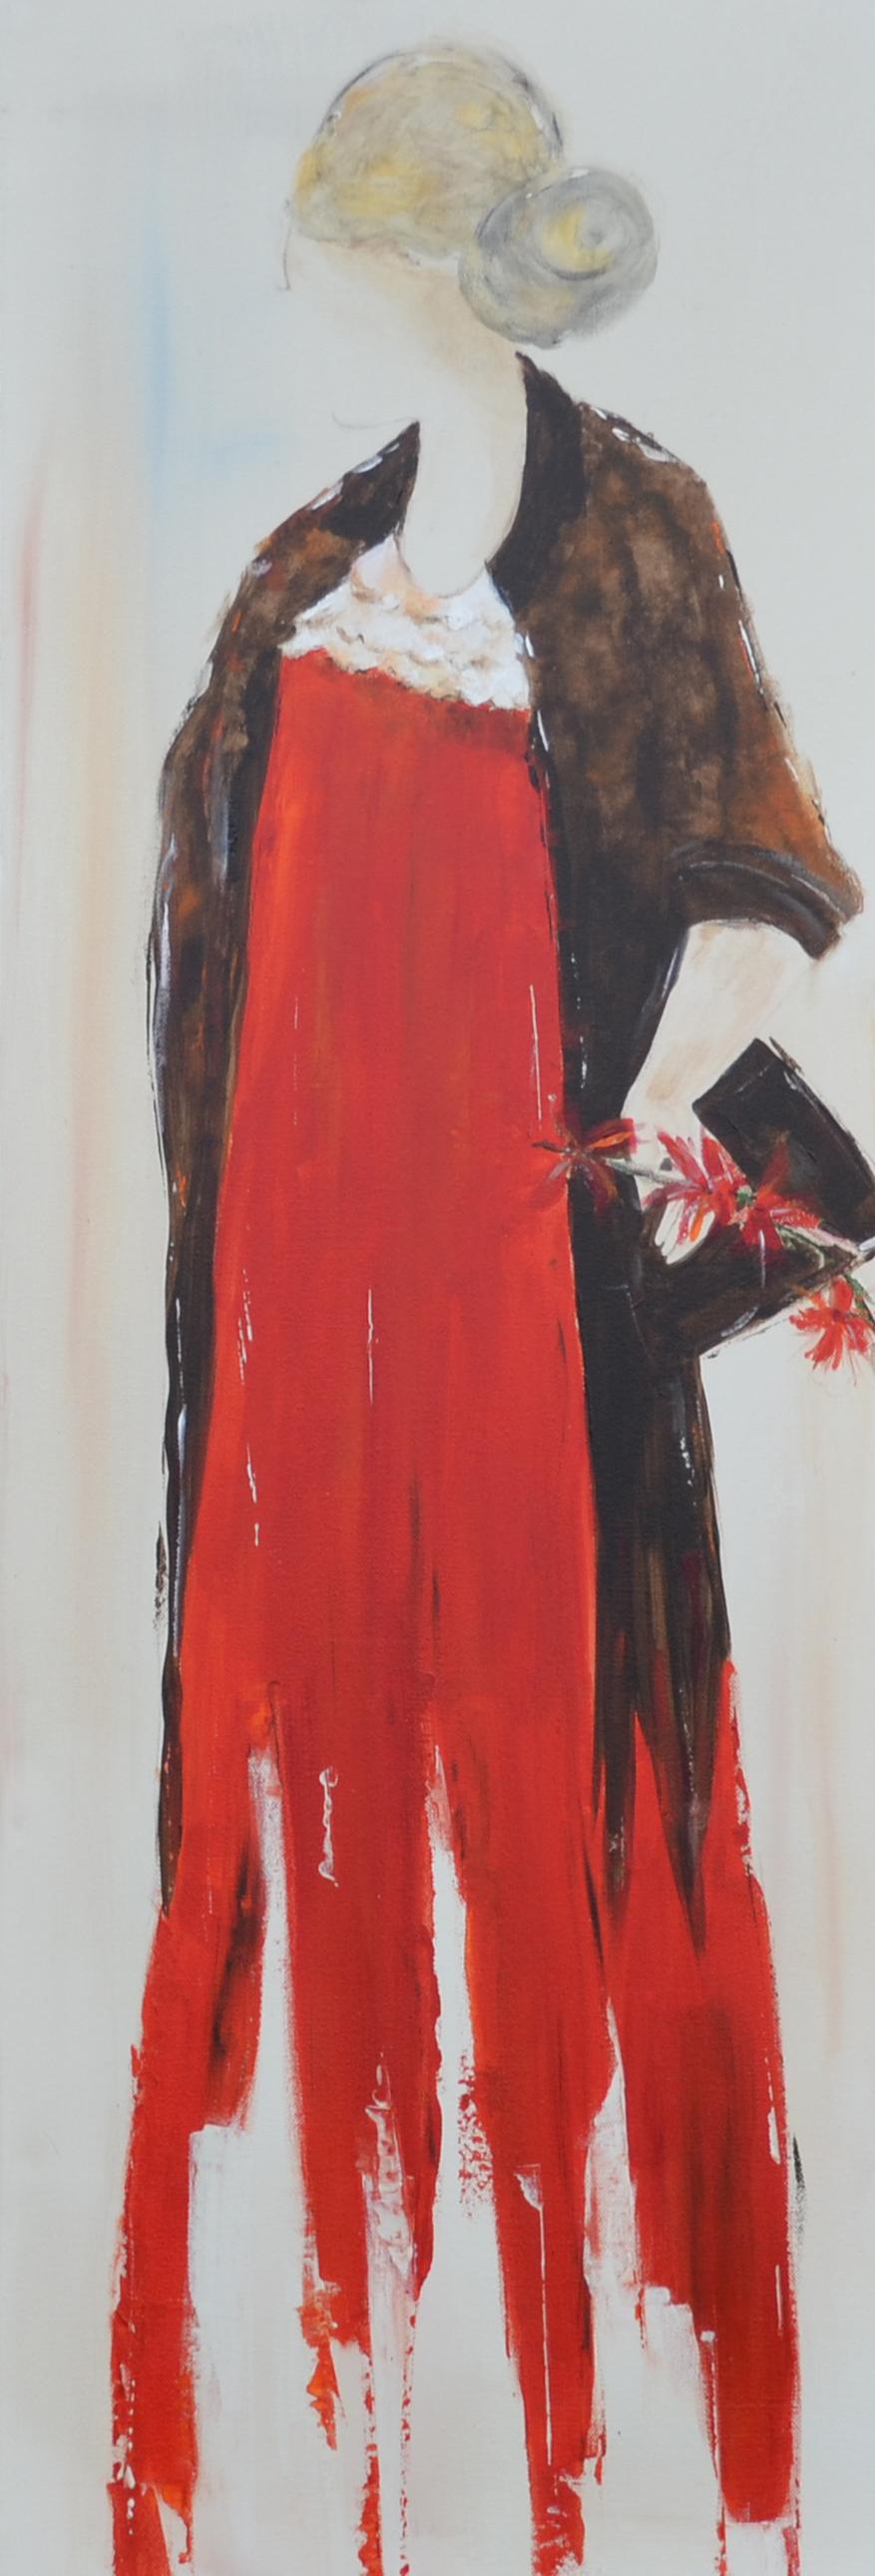 serie: women in red